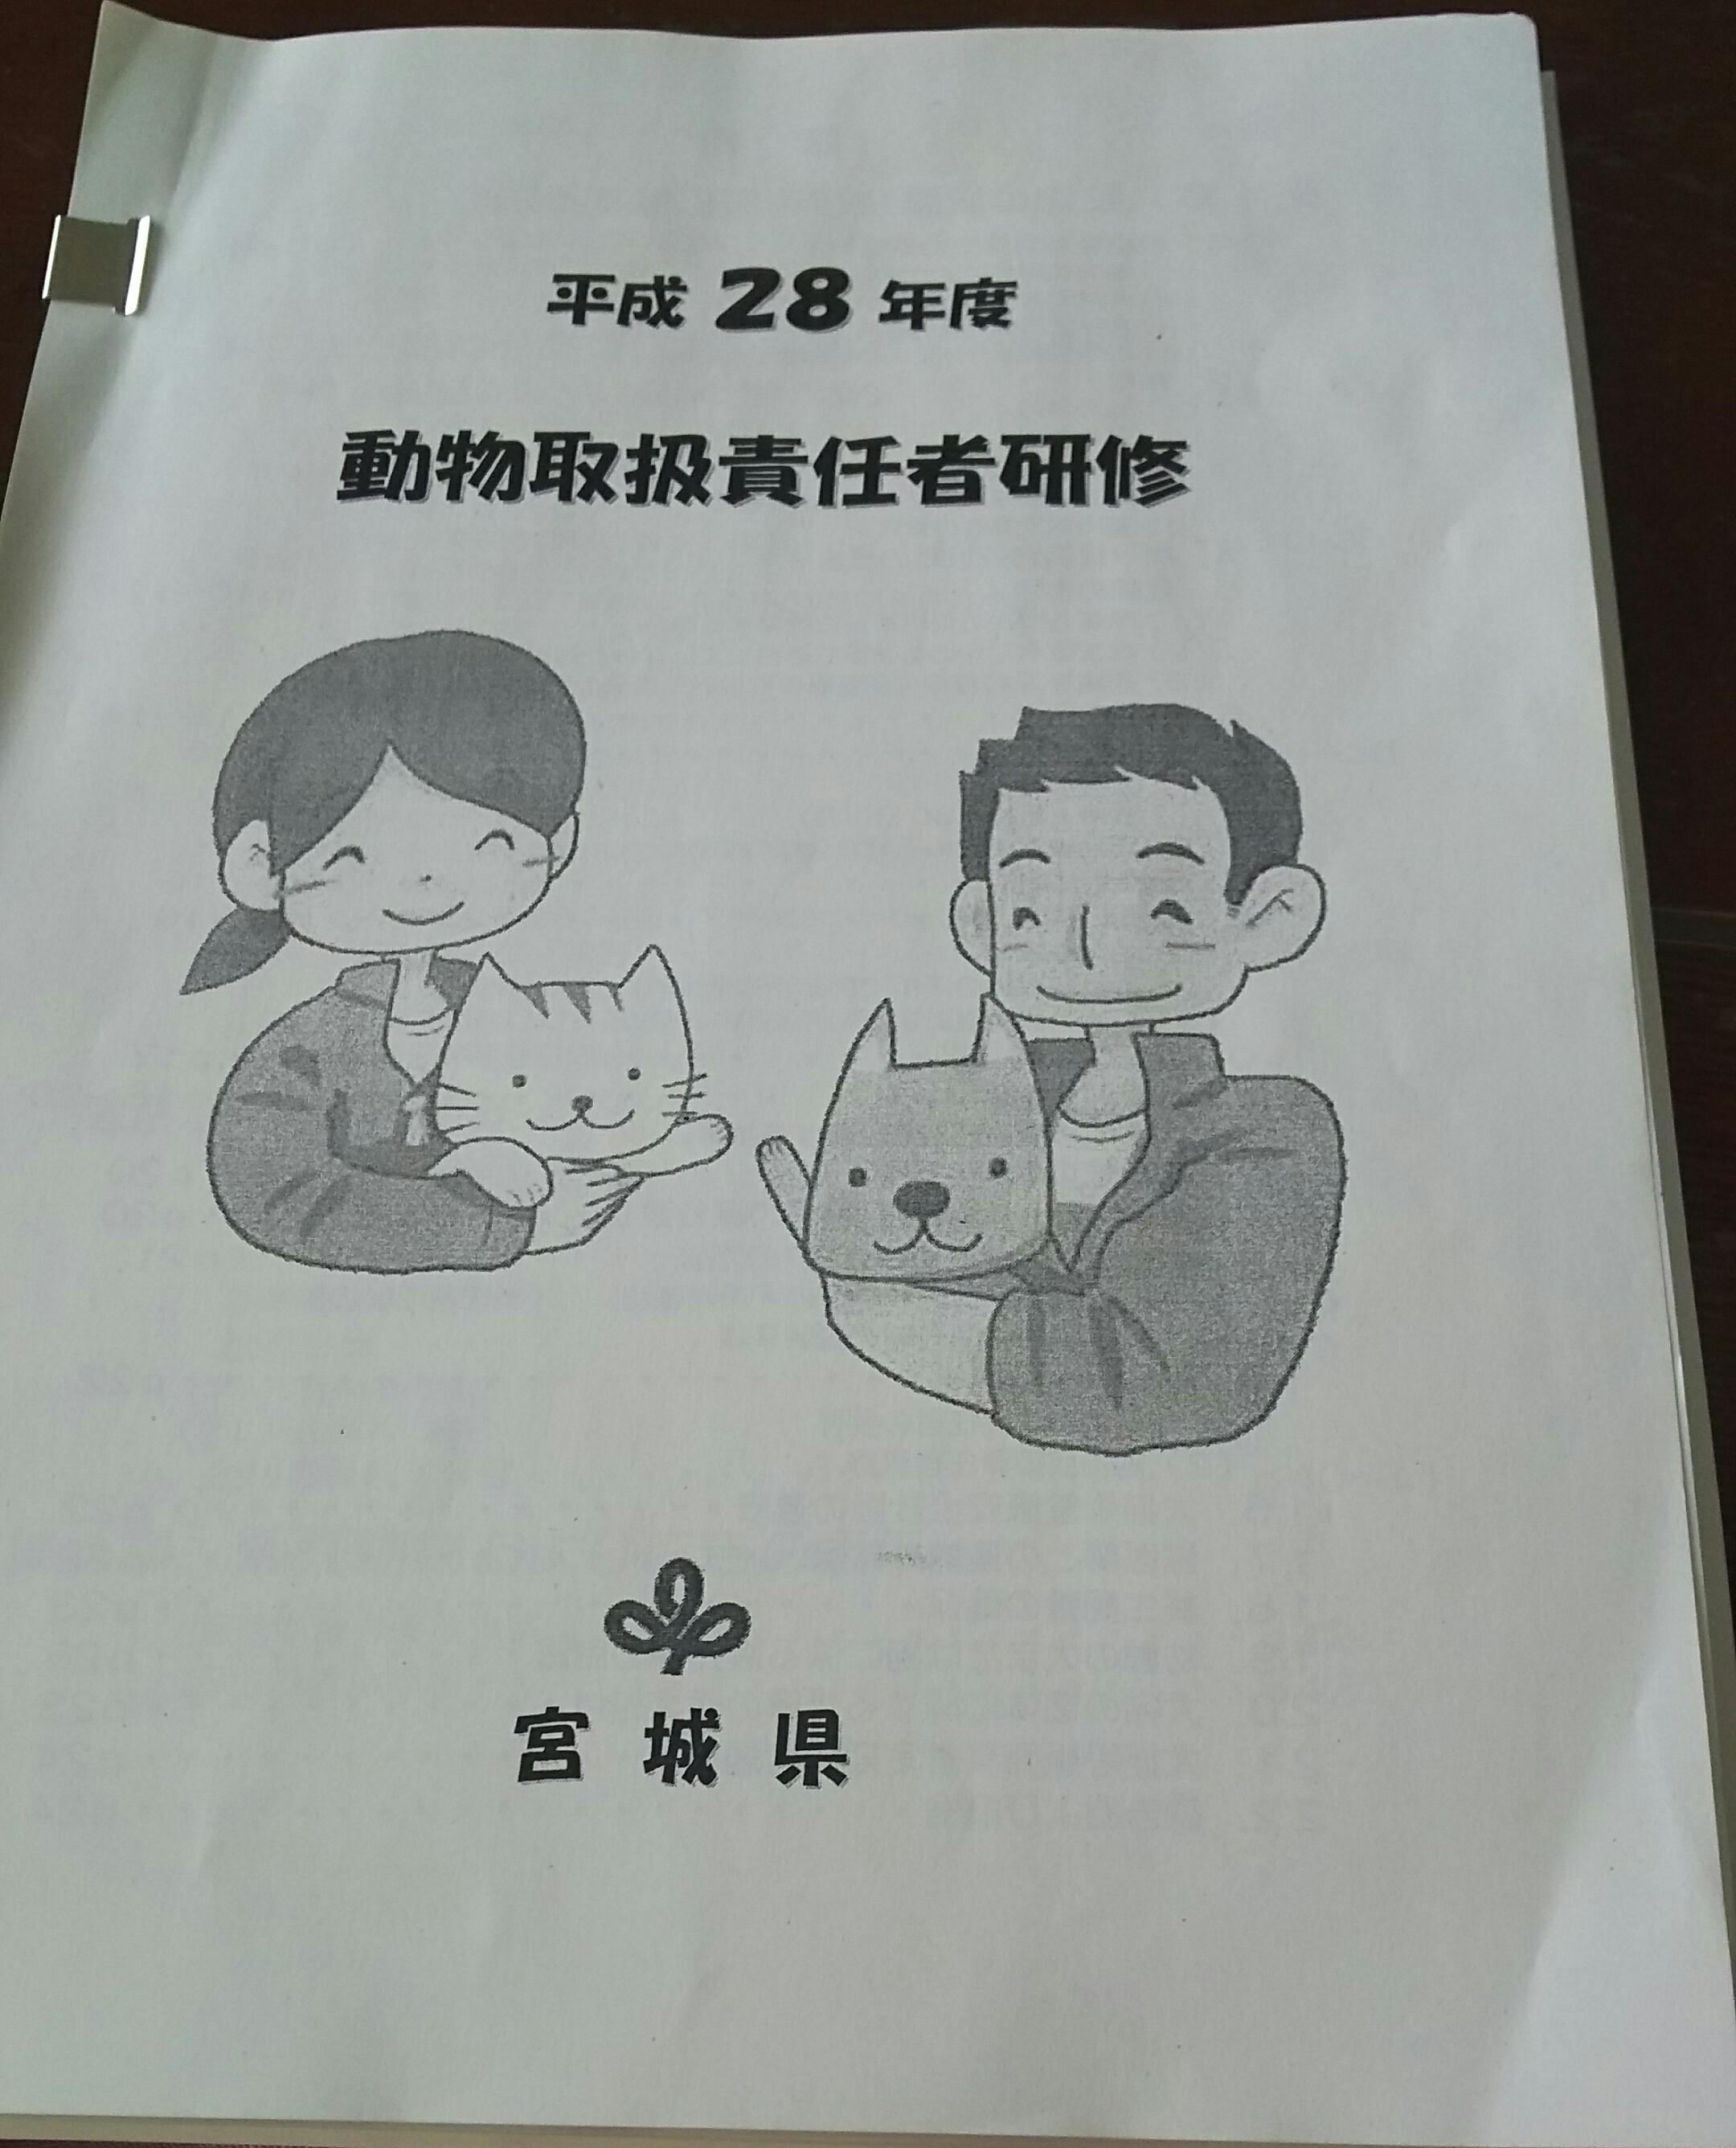 動物取扱責任者の登録のご案内|ペット通信講座た …